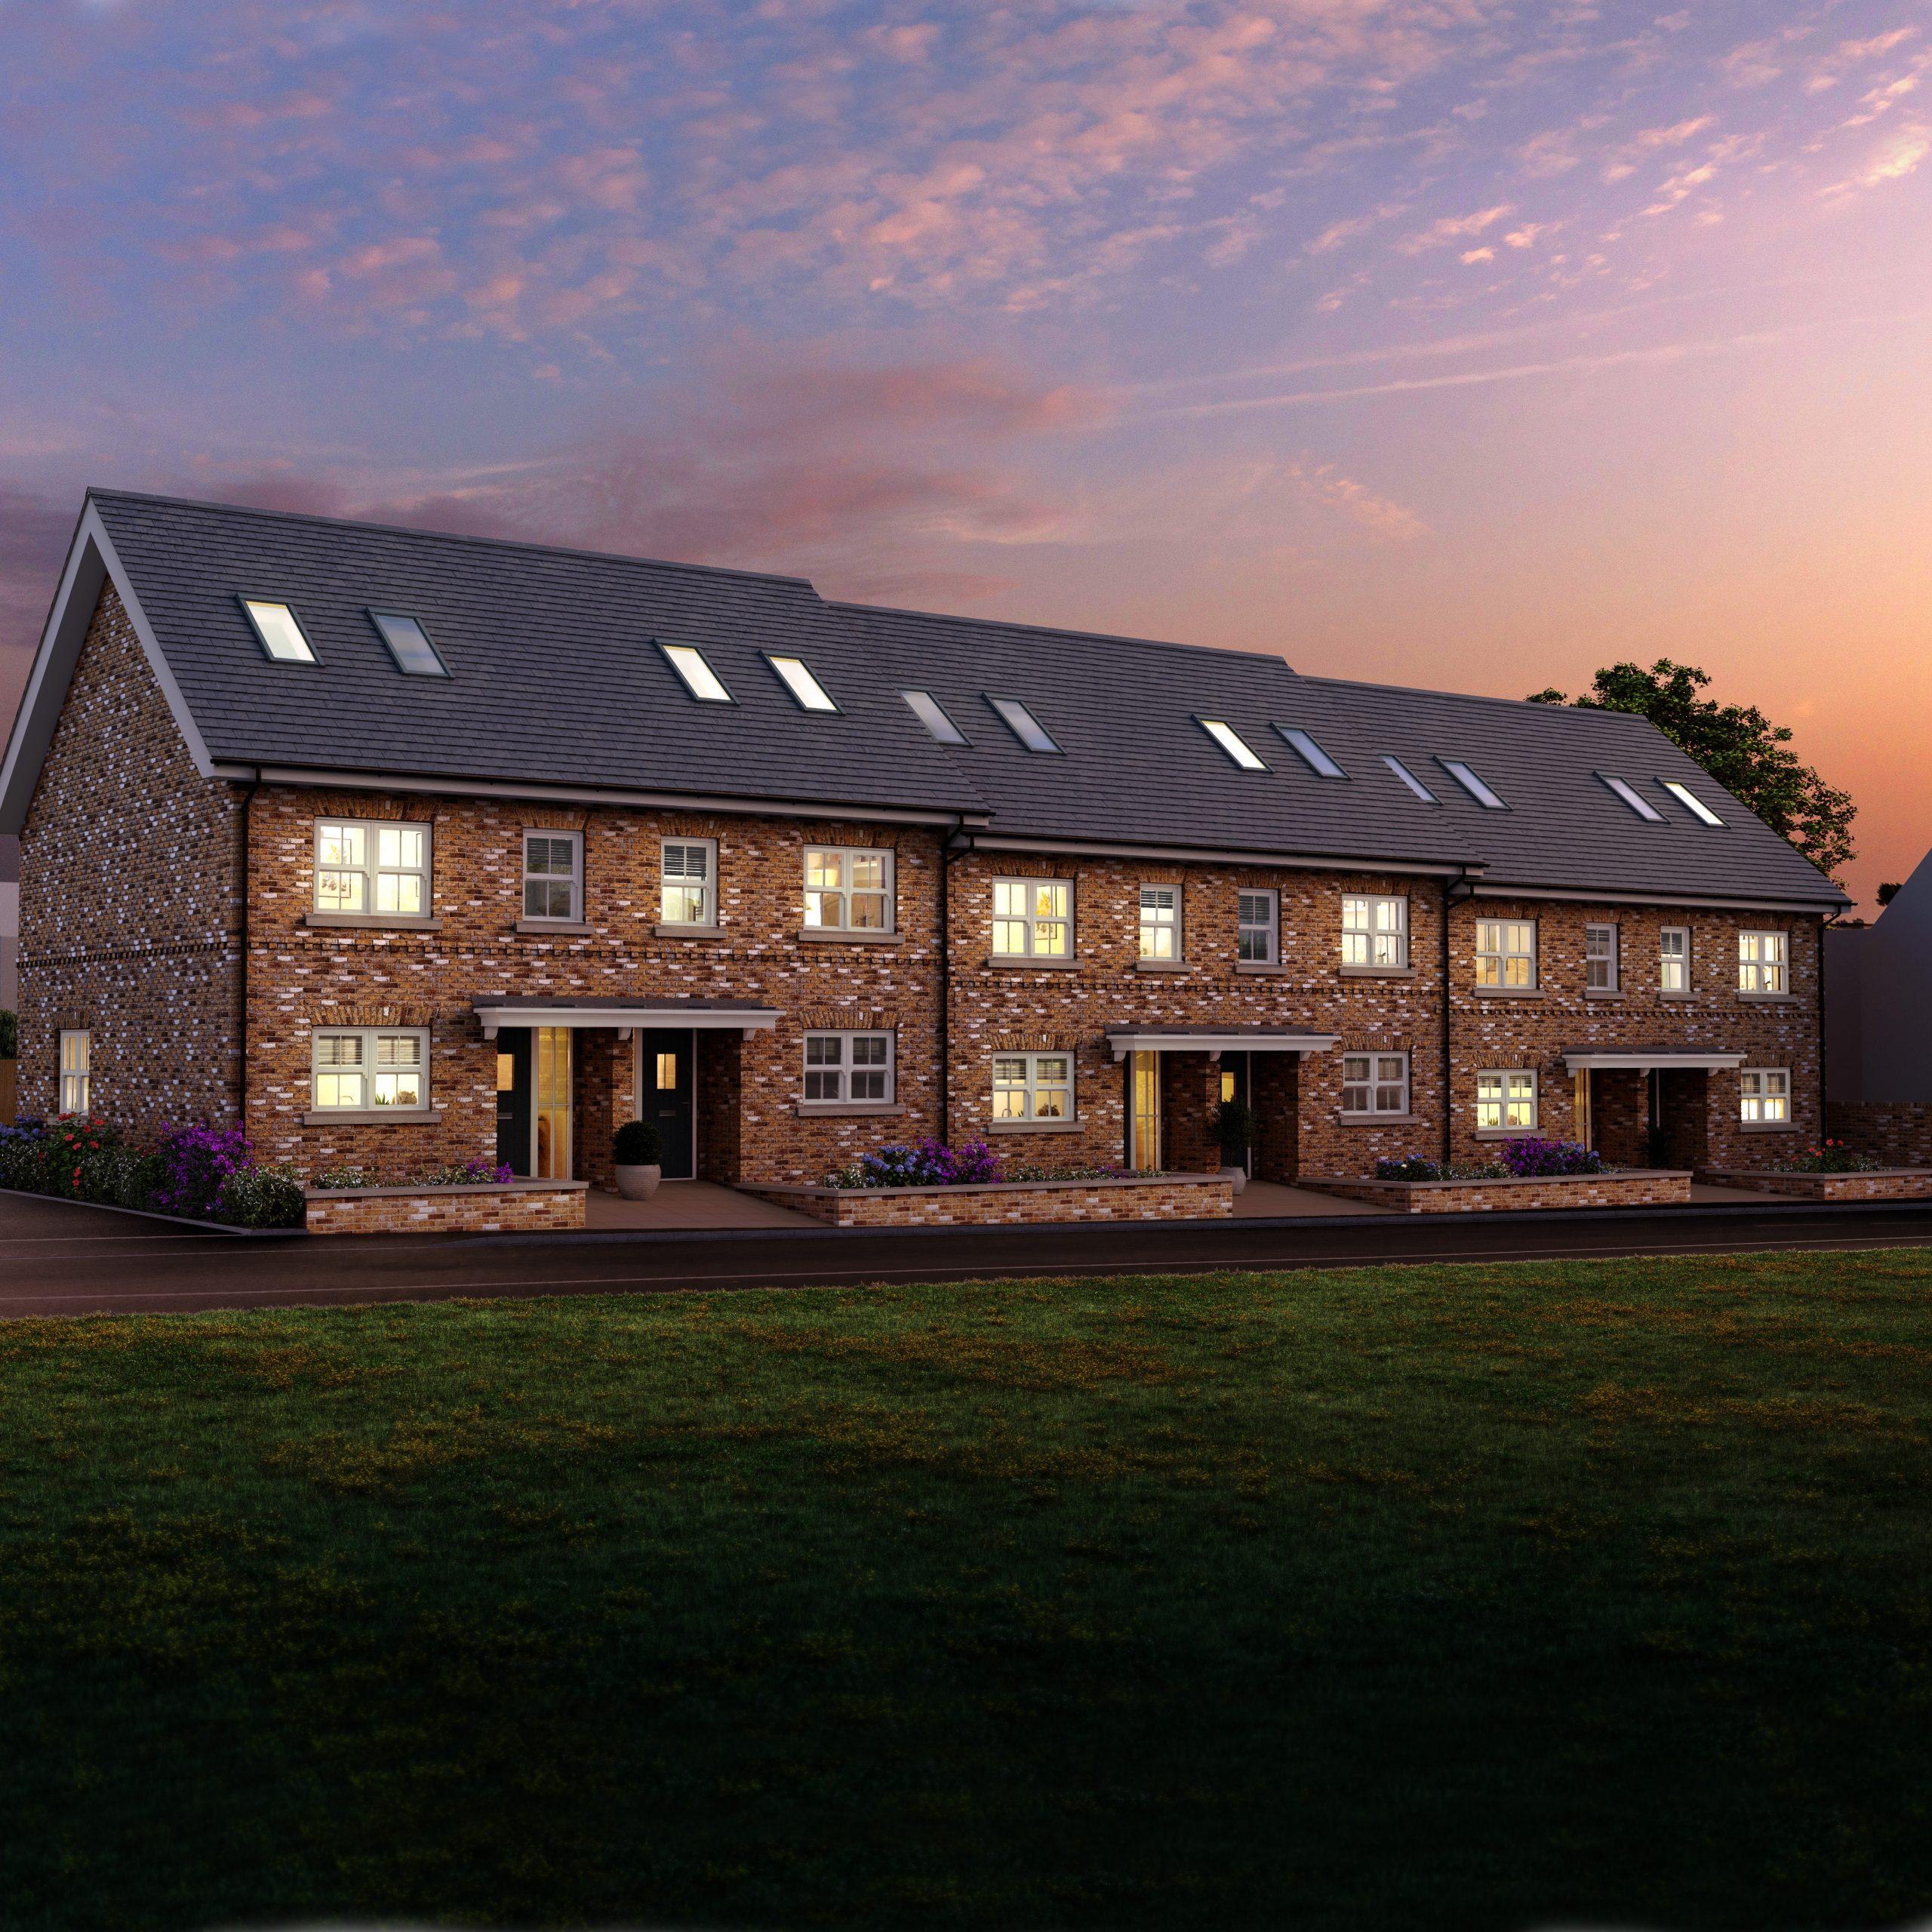 Bengeo Hertford 6 new build Townhouses